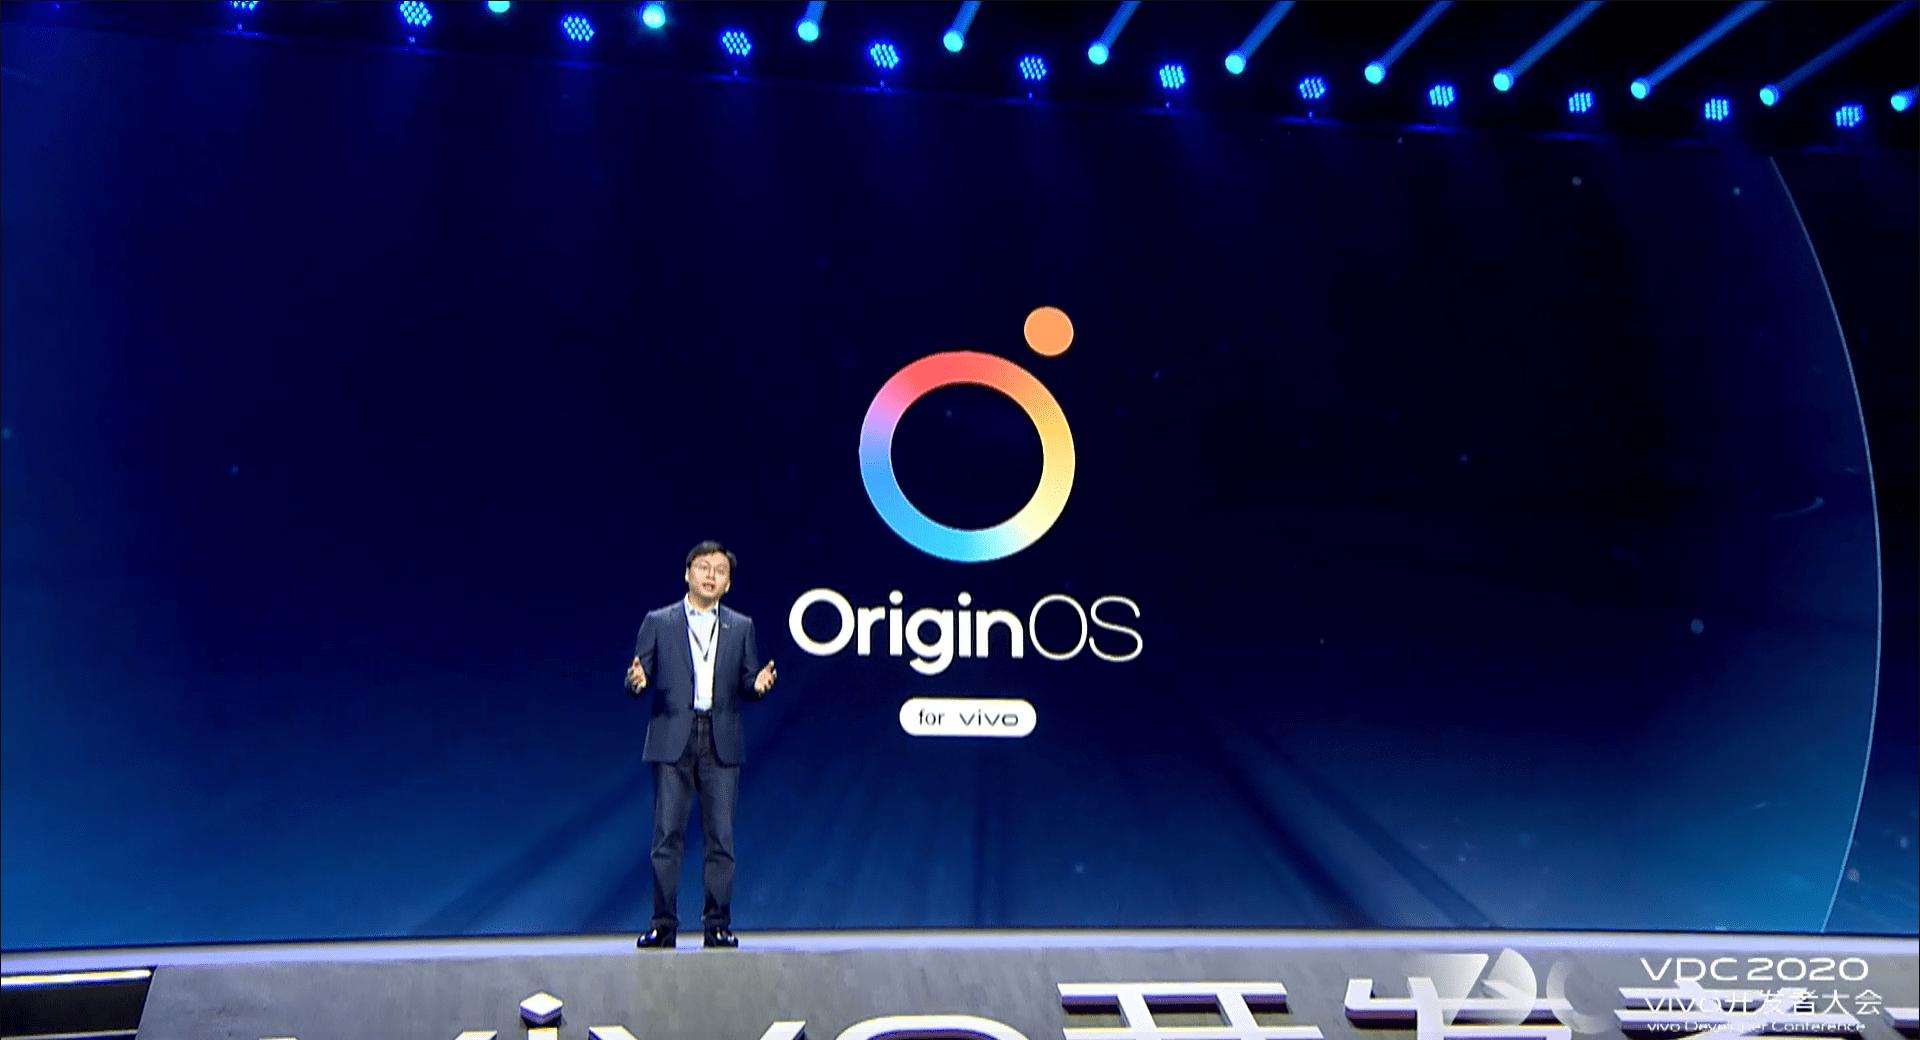 vivoが新カスタムスキンとしてOriginOSを発表、次期Xシリーズ製品が初搭載